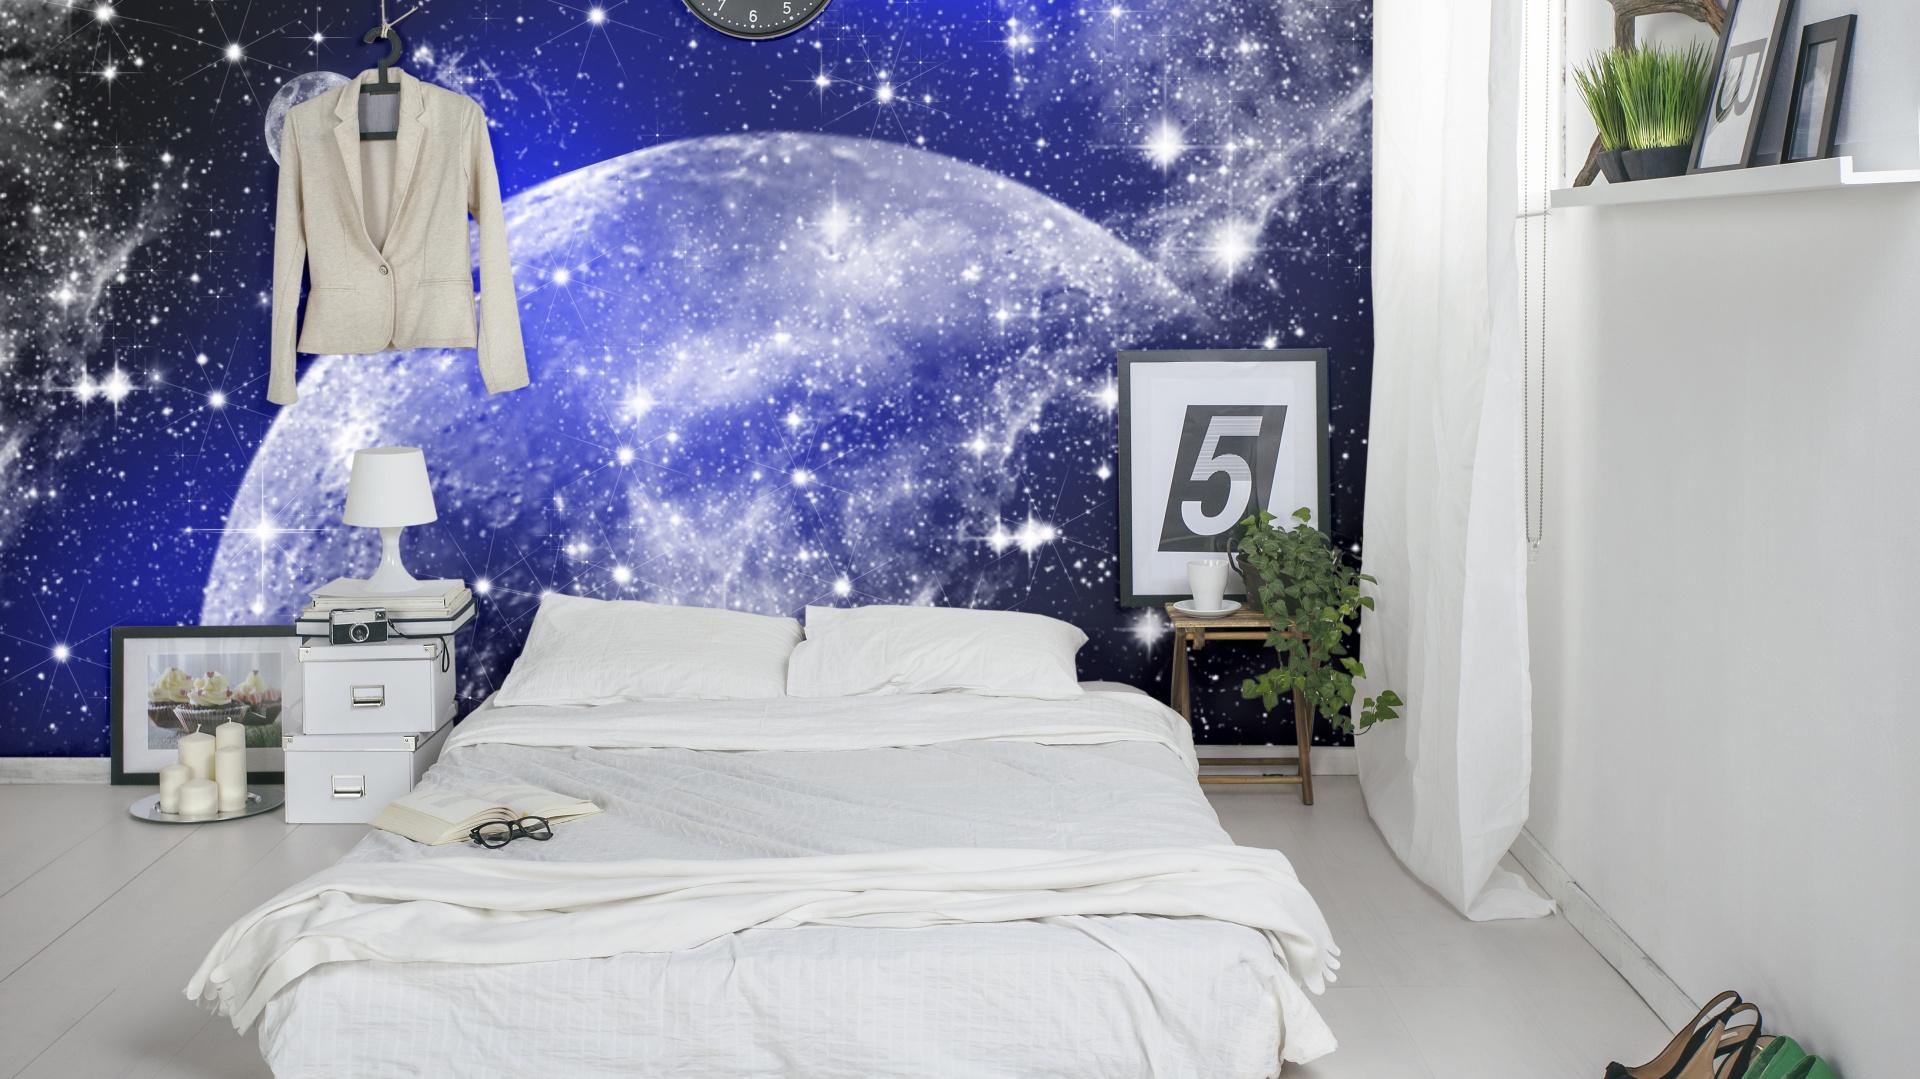 Kosmiczna fototapeta stanowi wyraźny akcent w sypialni. Fot.Dekornik.